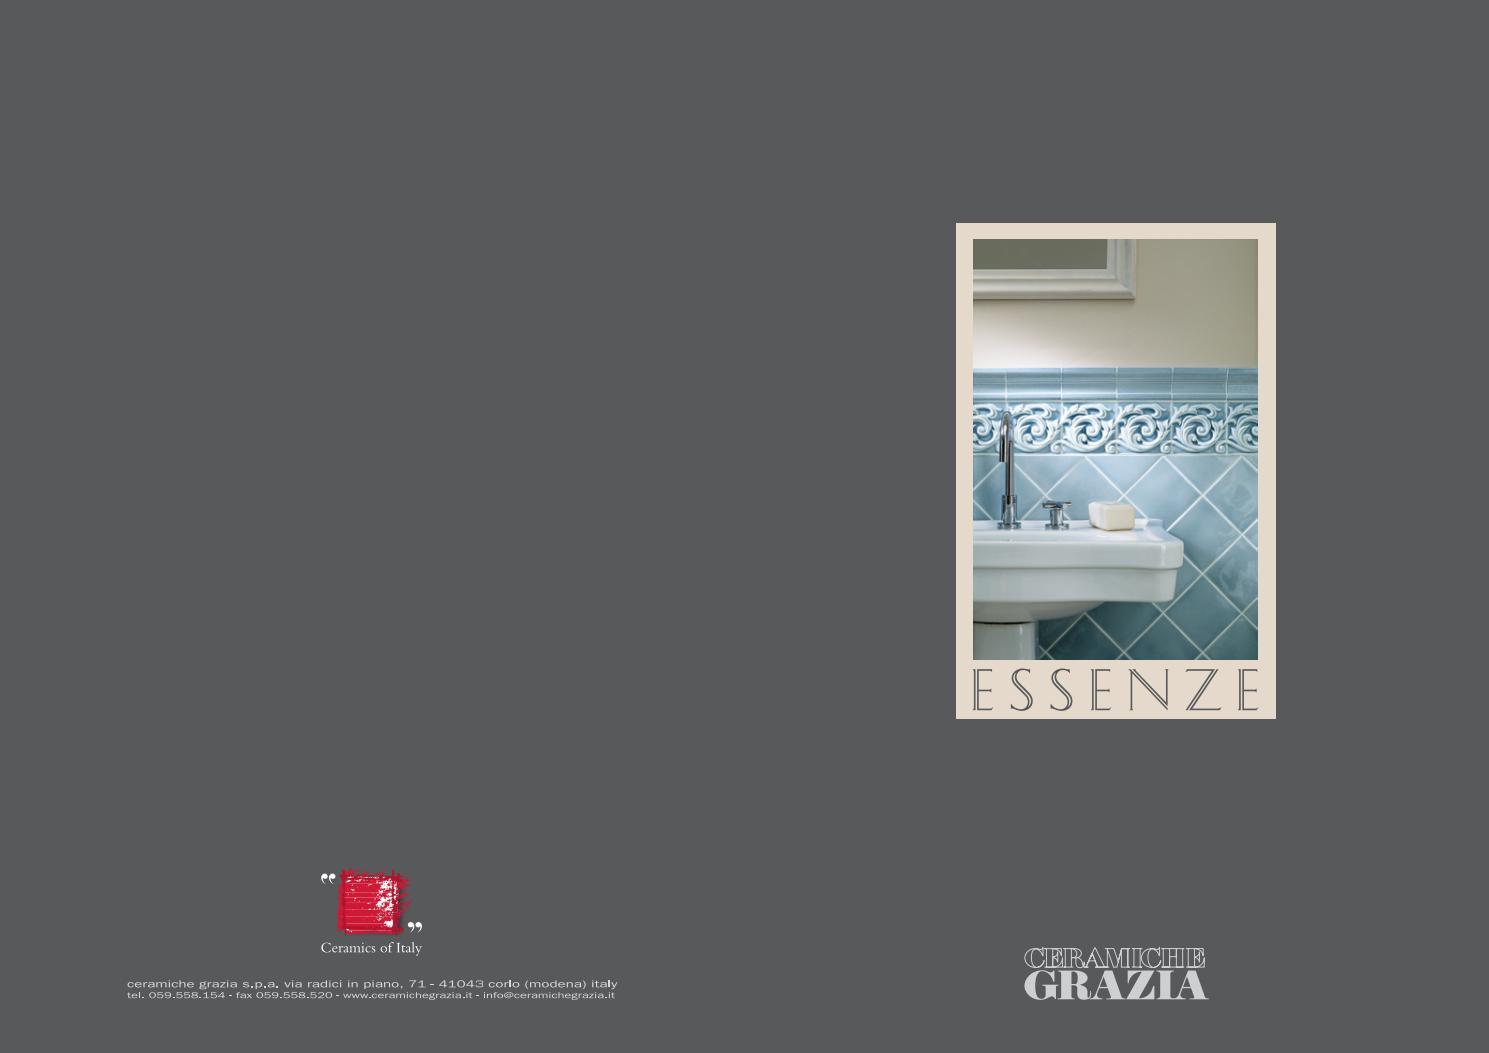 Grazia ceramiche essenze by tile studio banbury issuu